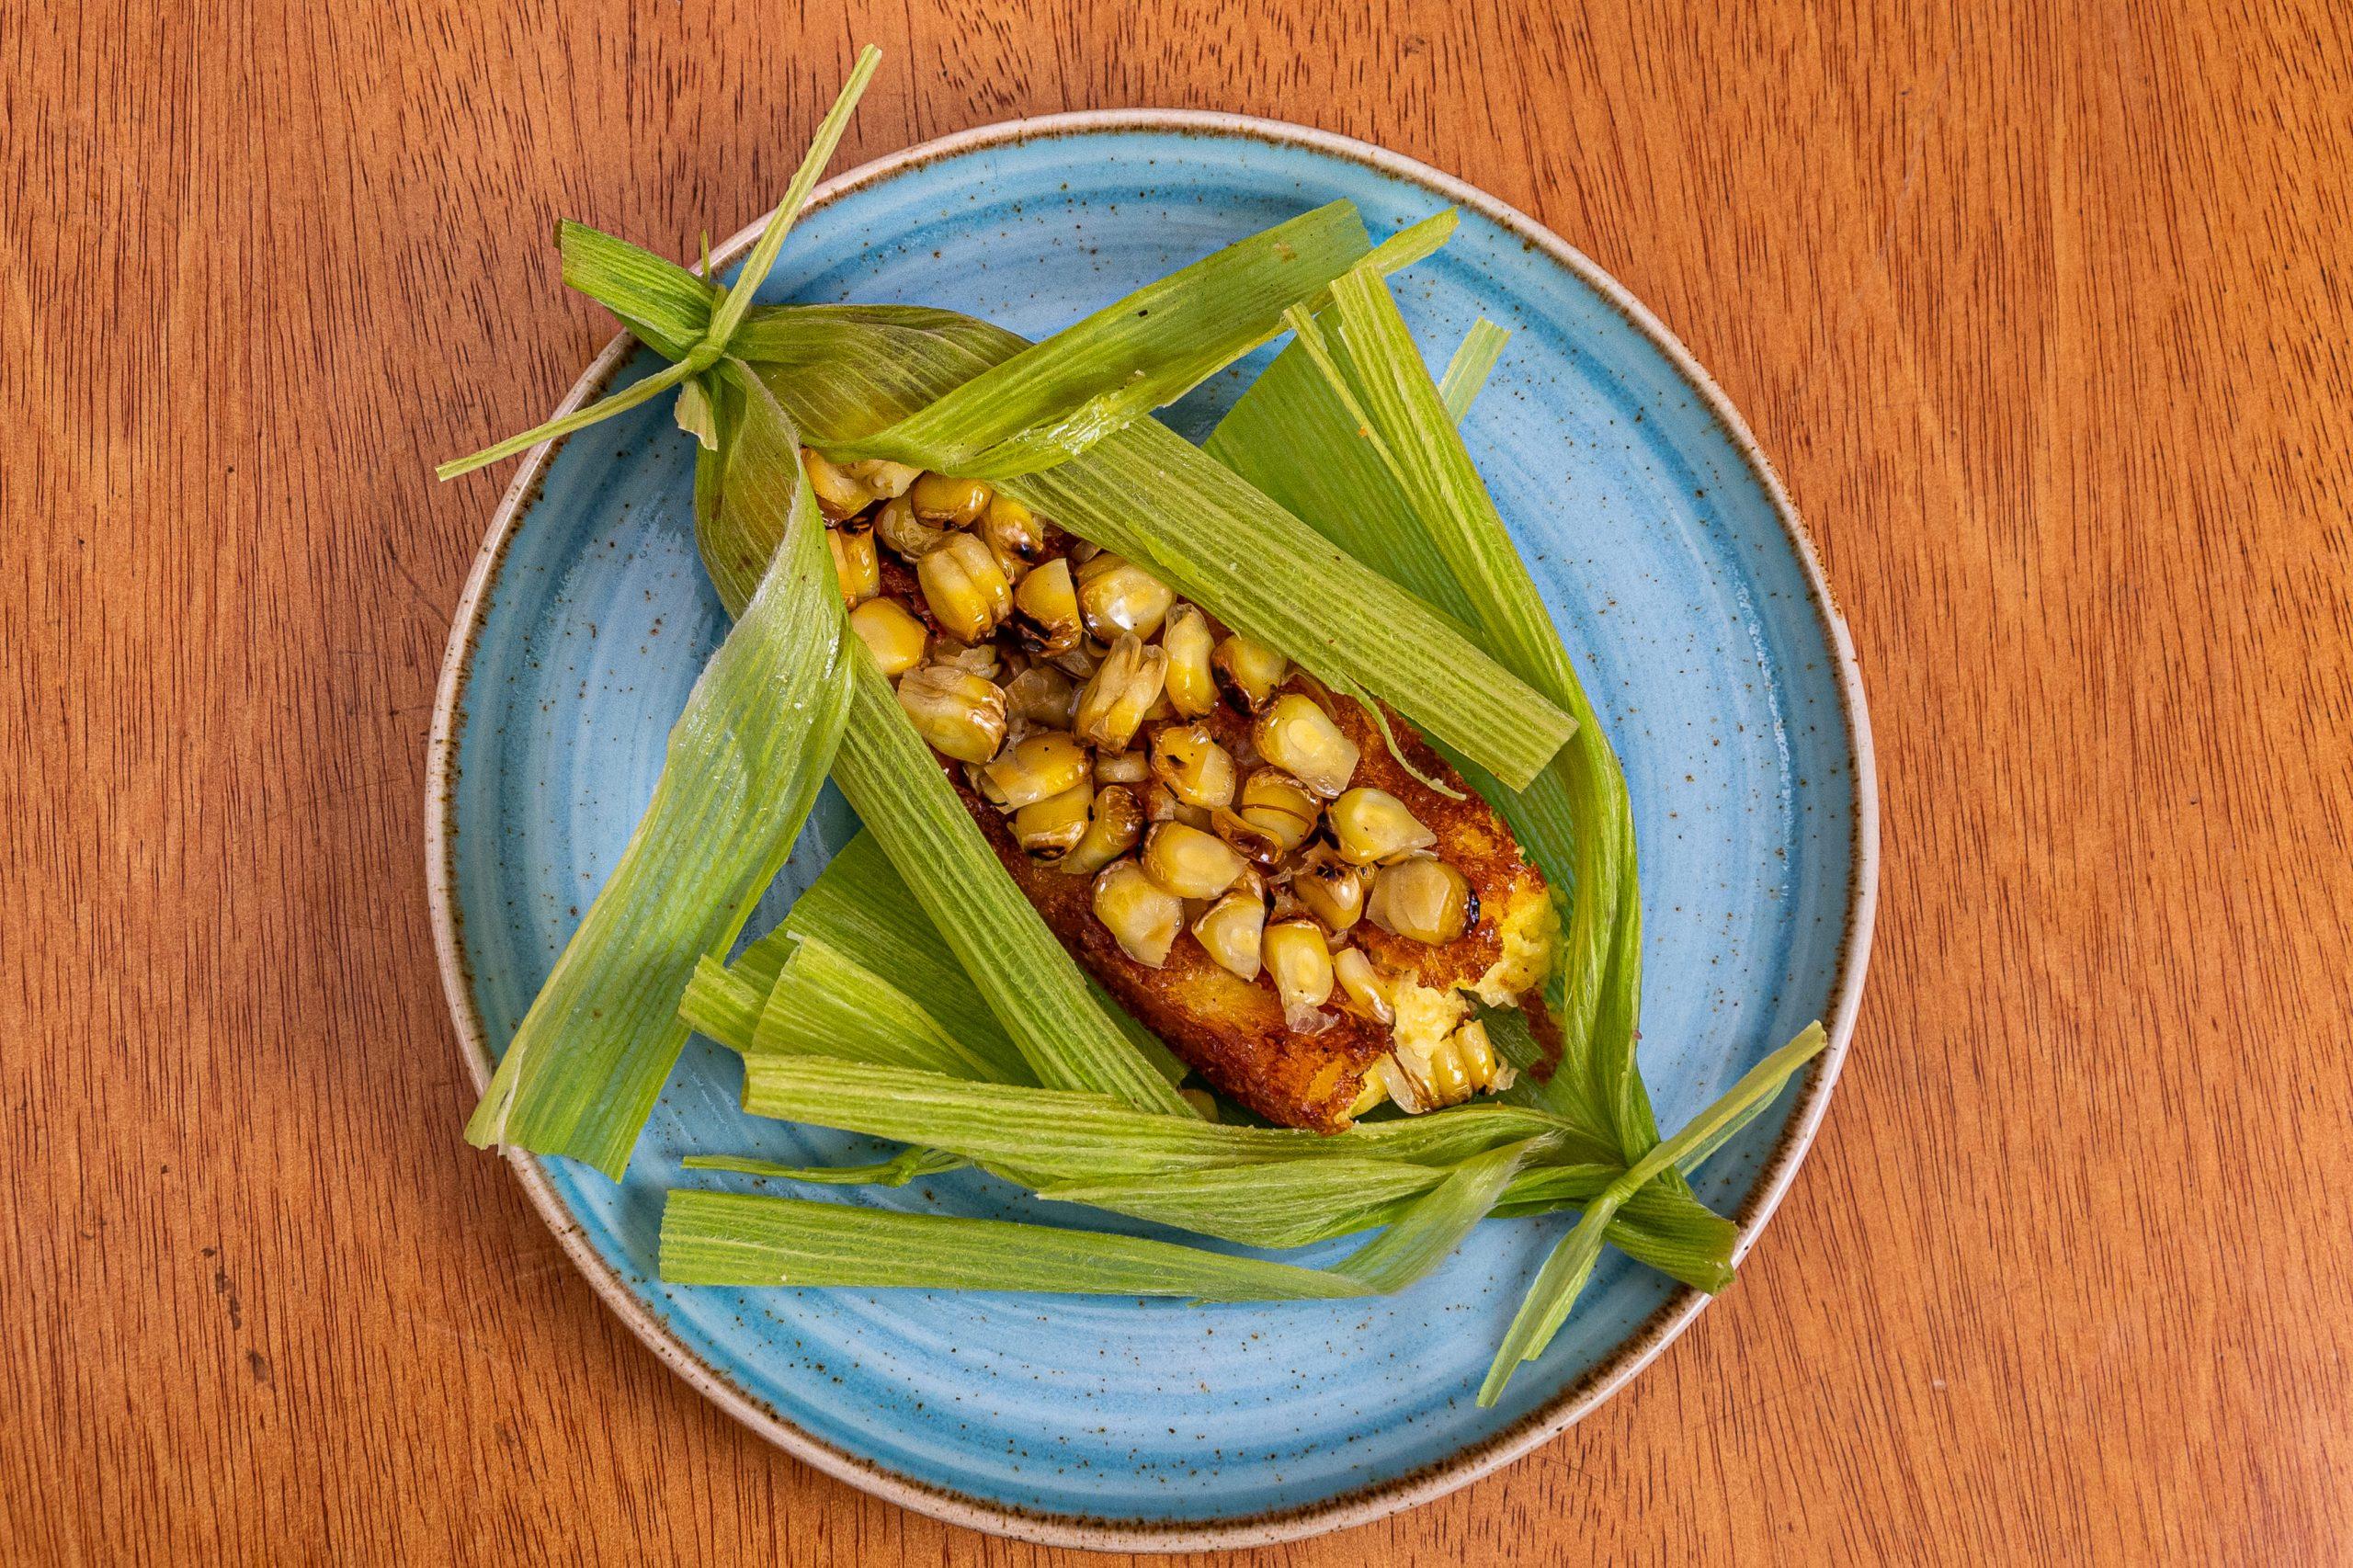 Foto-Urukum-Lagoa_Sopa-Pantaneira-05_Bolo-cremoso-de-milho-verde-queijo-meia-cura-cebola-e-milho-tostado.-Servido-embrulhadinho-na-palha-de-milho_-Credito-Rodrigo-Barionovo